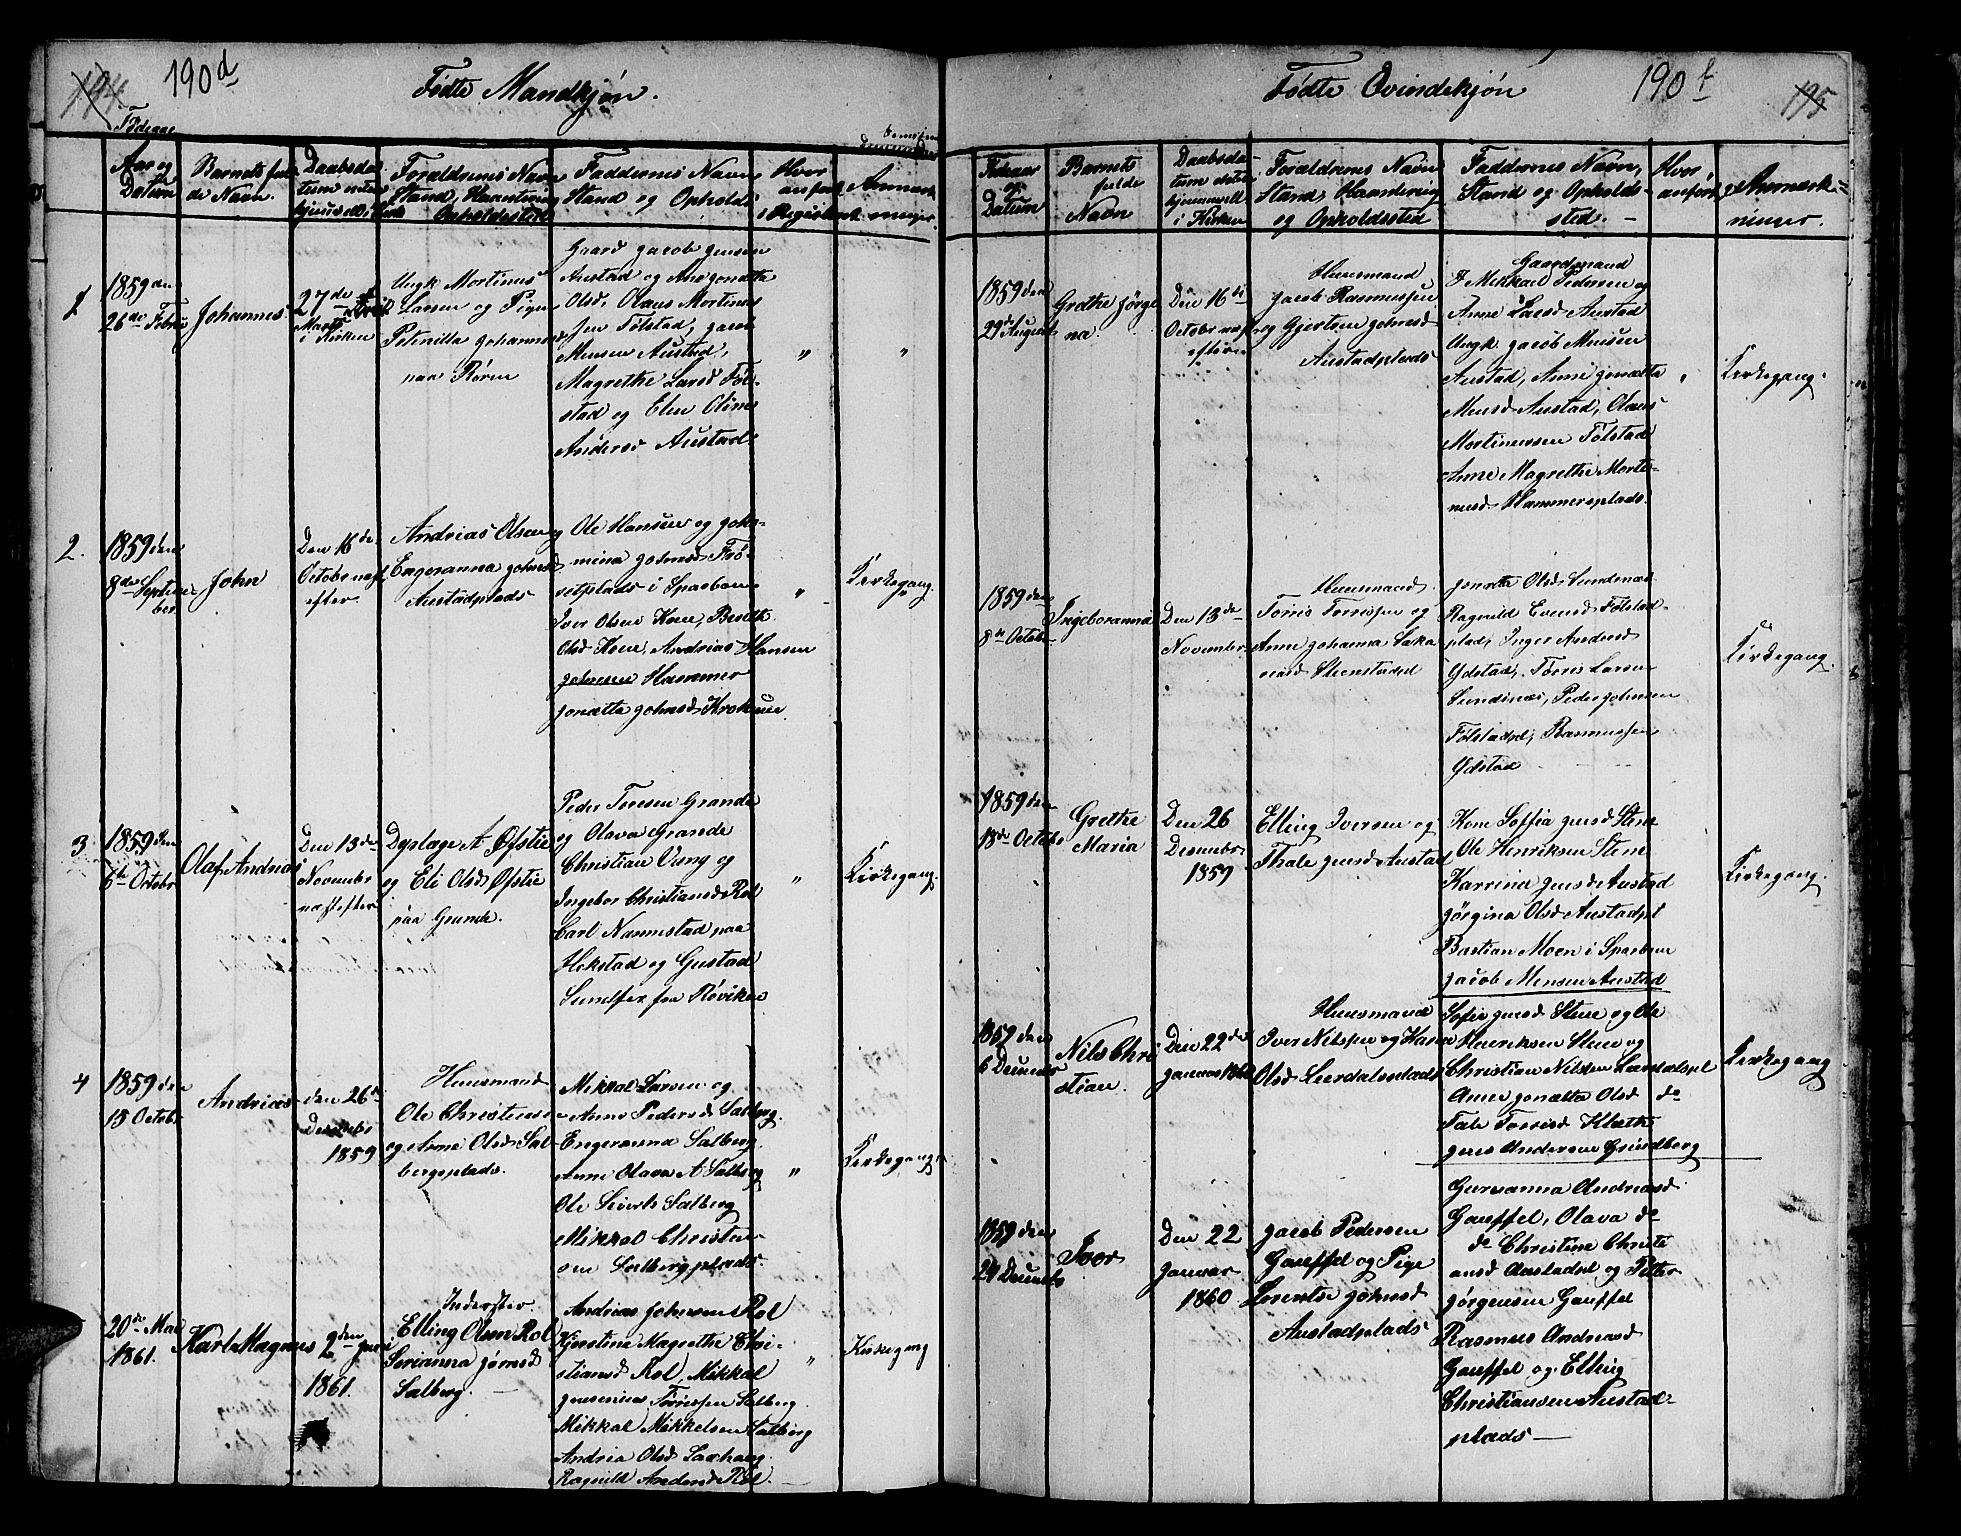 SAT, Ministerialprotokoller, klokkerbøker og fødselsregistre - Nord-Trøndelag, 731/L0310: Klokkerbok nr. 731C01, 1816-1874, s. 190e-190f